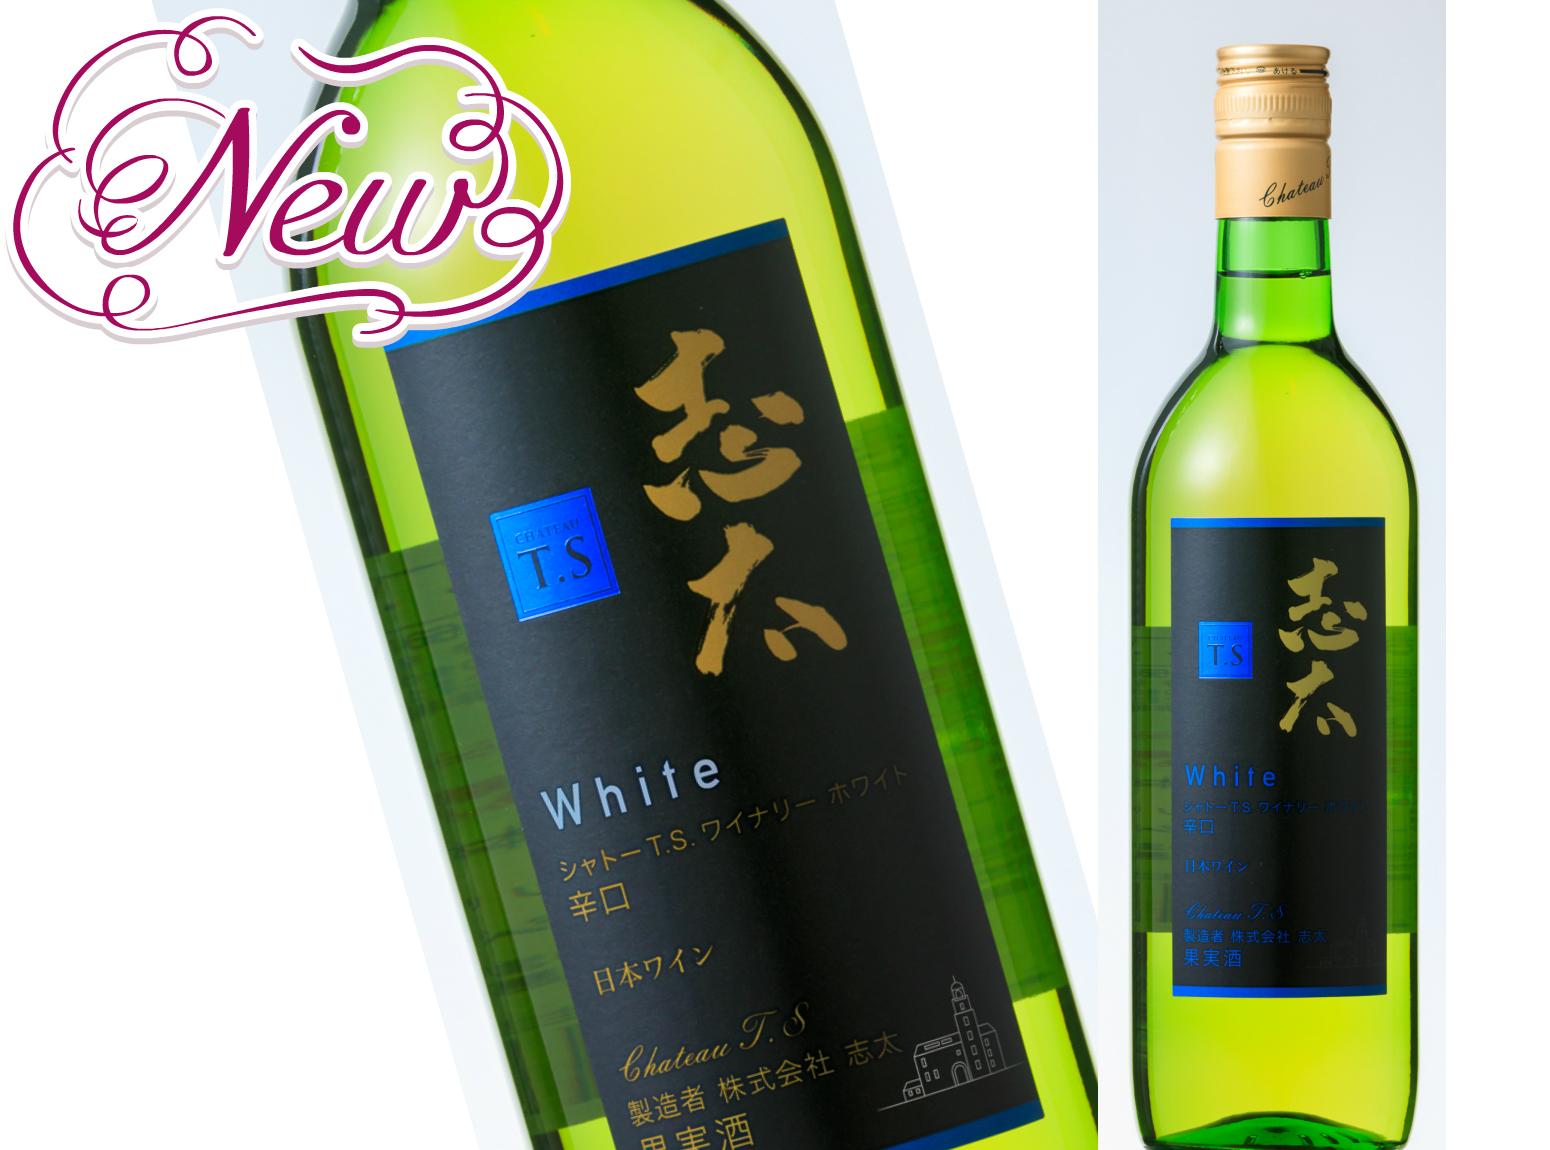 志太ホワイト辛口2016